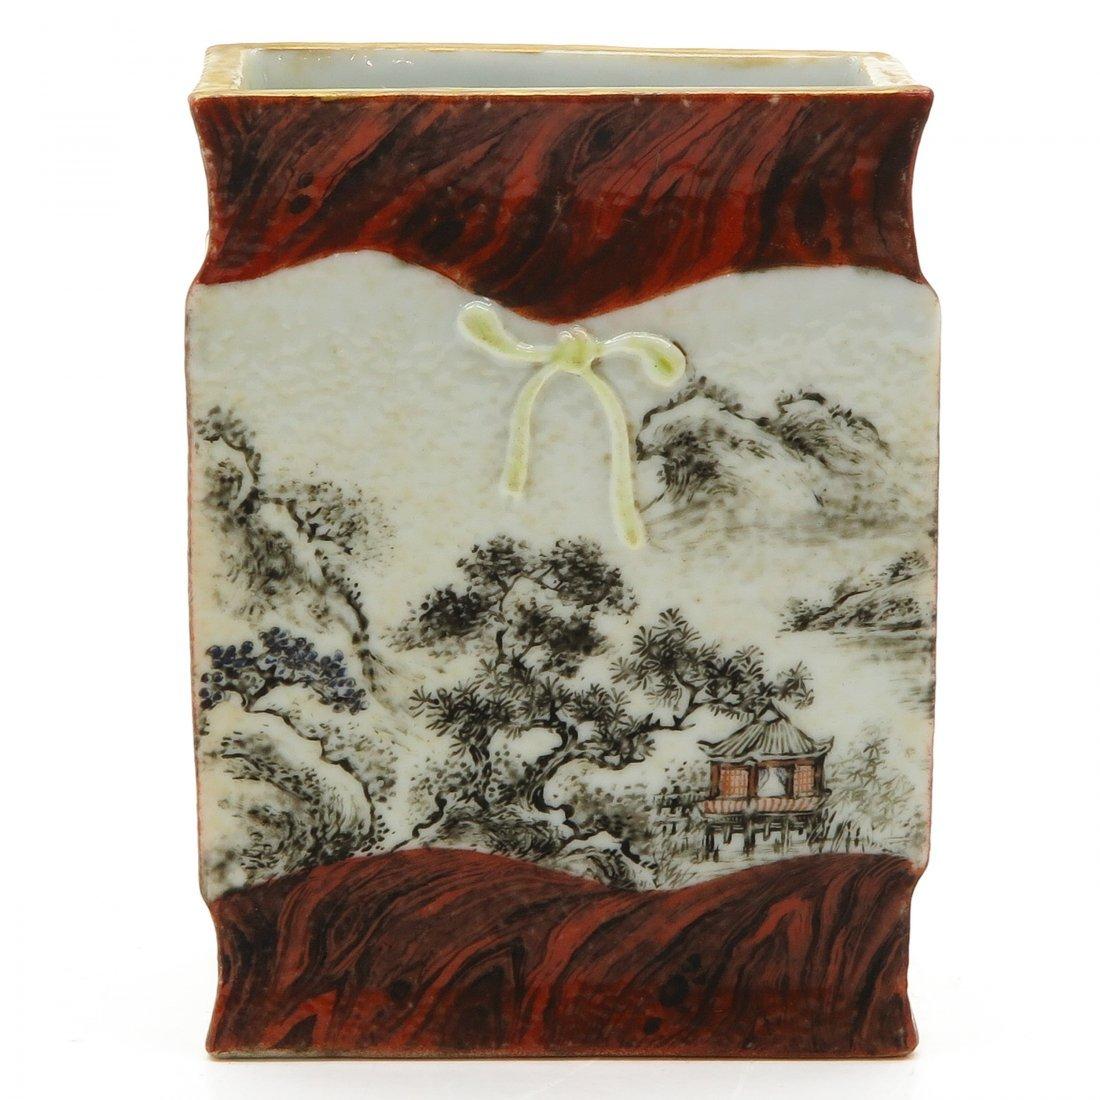 China Porcelain Pencil Pot